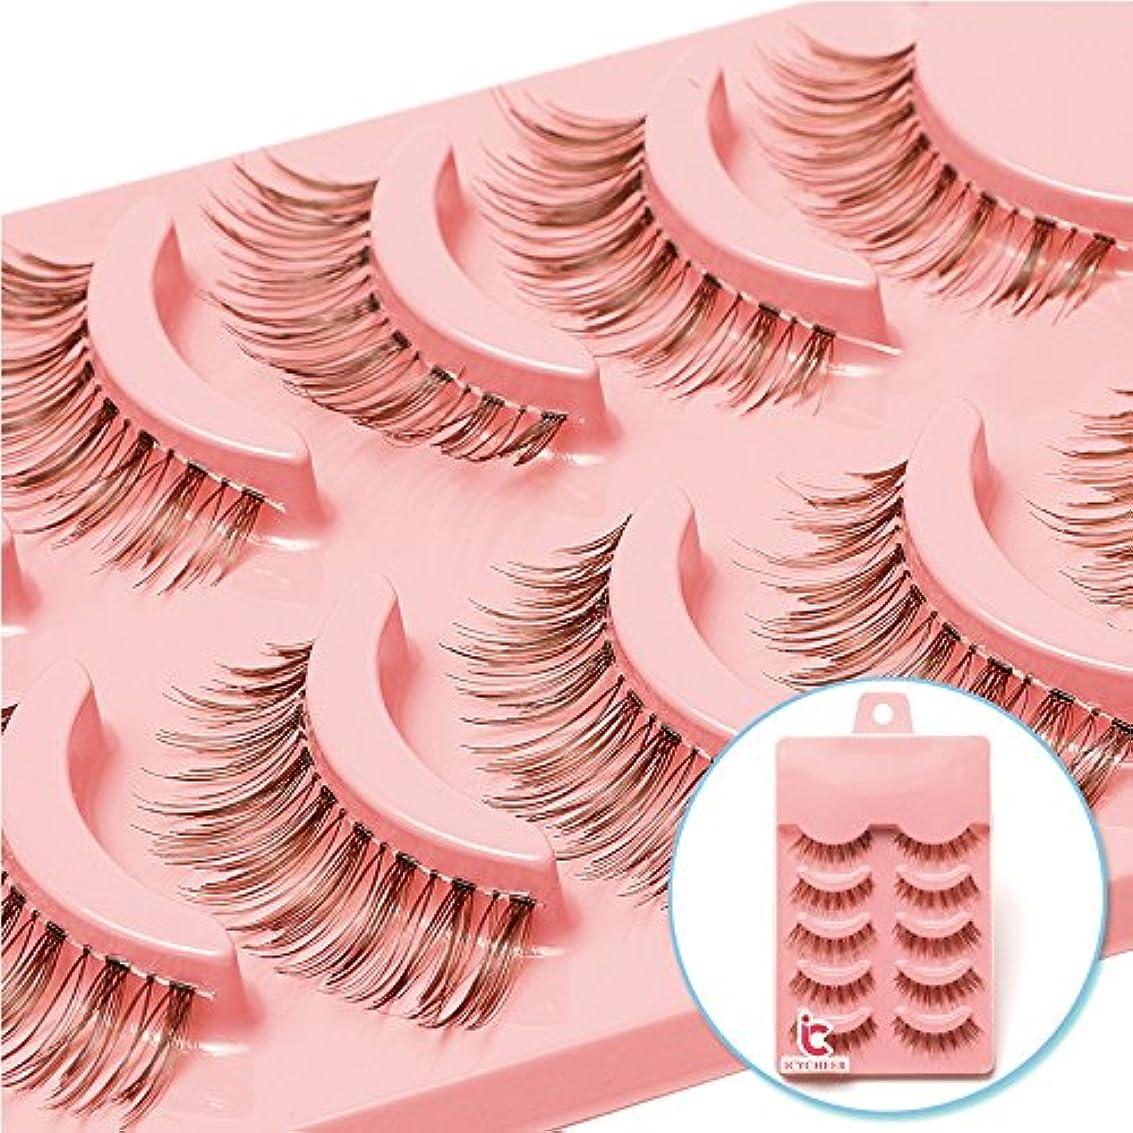 モロニックホイッスルまっすぐICYCHEER 軟質天然ロングブラウン偽まつげ 5 ペアメイク美容つけまつげ女性のメイクアイラッシュ拡張セット